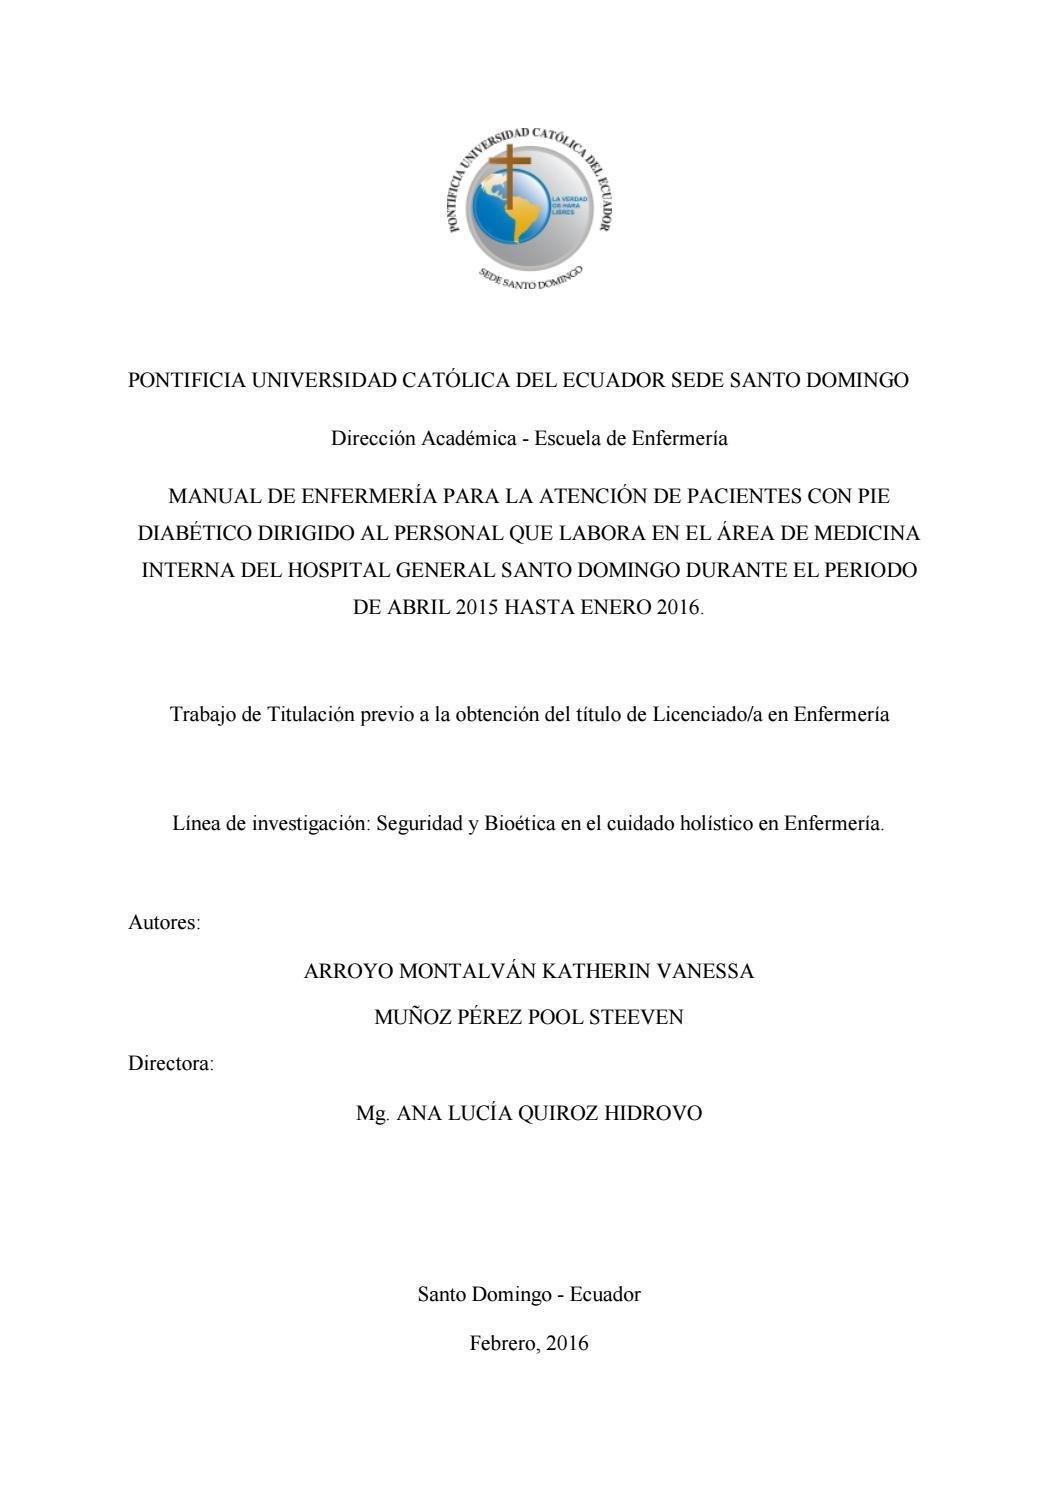 Manual De Enfermera Para La Atencin De Pacientes Con Pie Diabtico By Pontificia Universidad Catlica Del Ecuador Sede Santo Domingo Puce Sd - Issuu